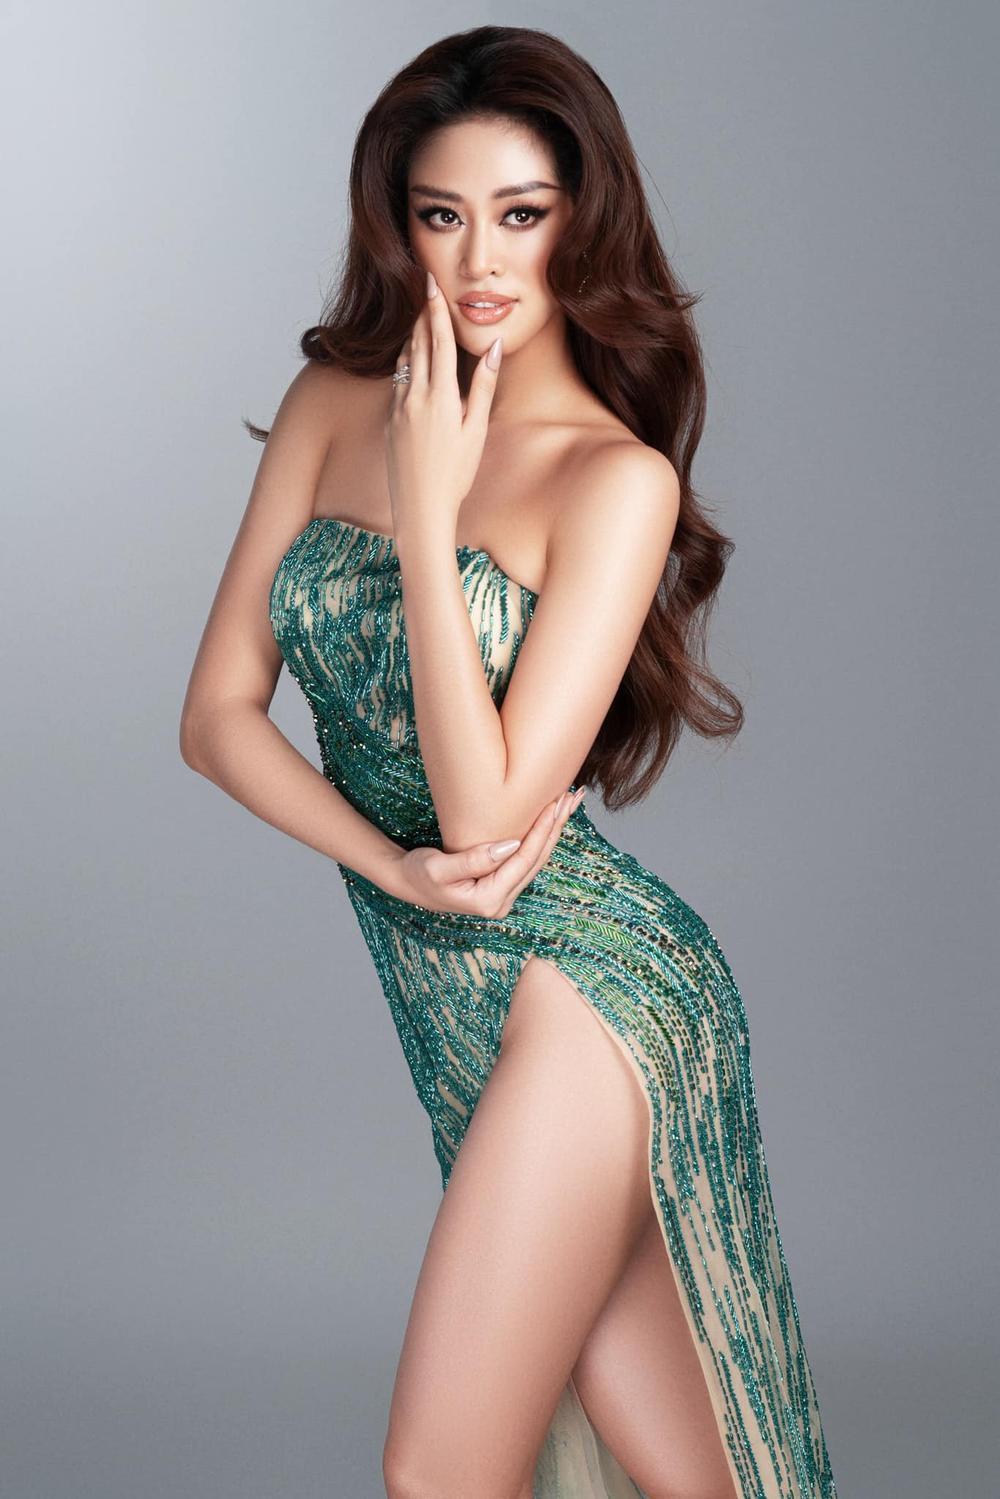 8 chủ đề hùng biện cực gắt cho Top 5 Miss Universe: Khánh Vân đã sẵn sàng lan tỏa trái tim yêu thương? Ảnh 9